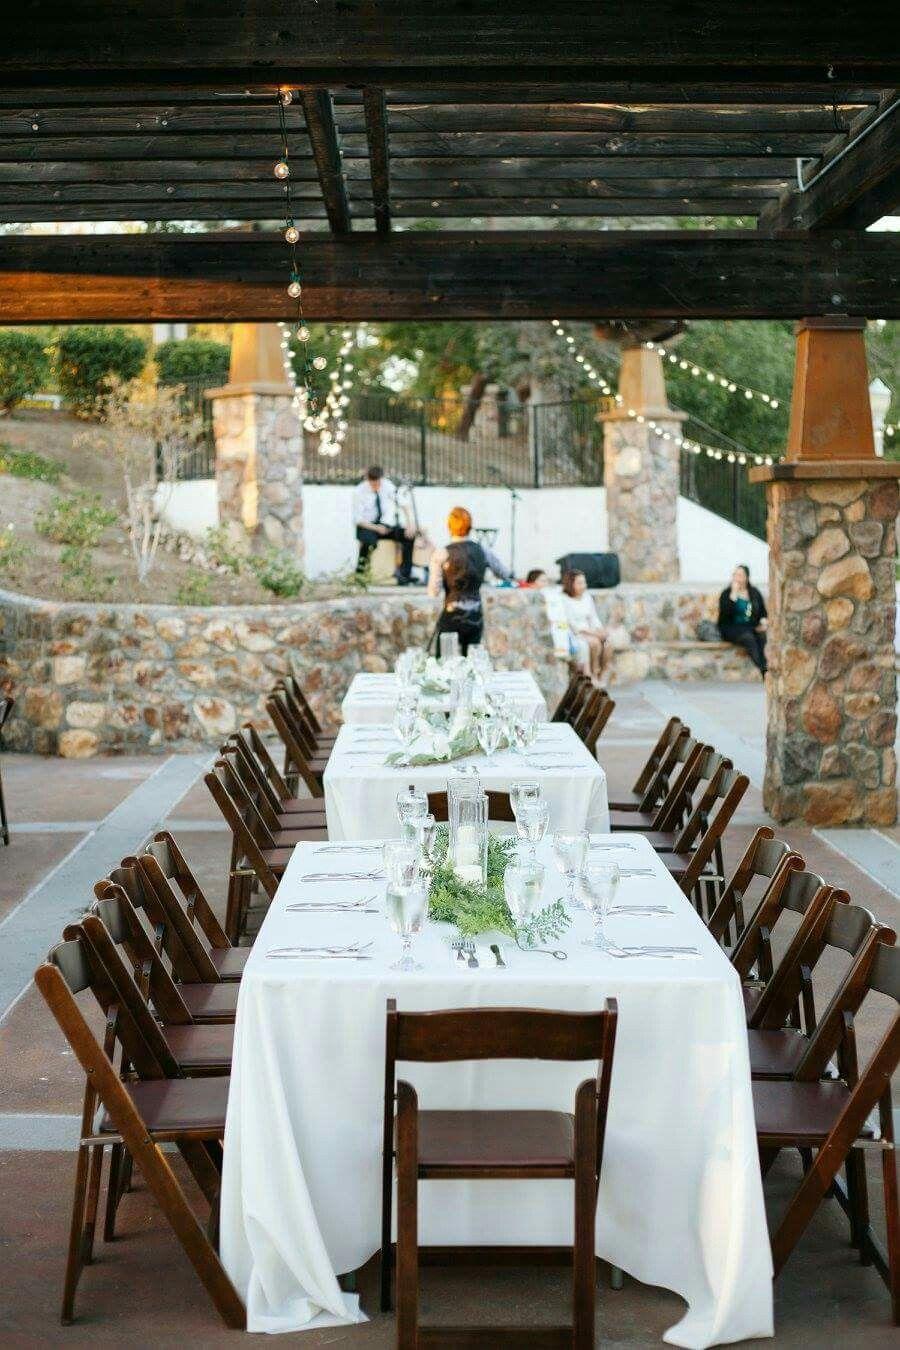 hillcrest terrace fullerton california wedding banquet